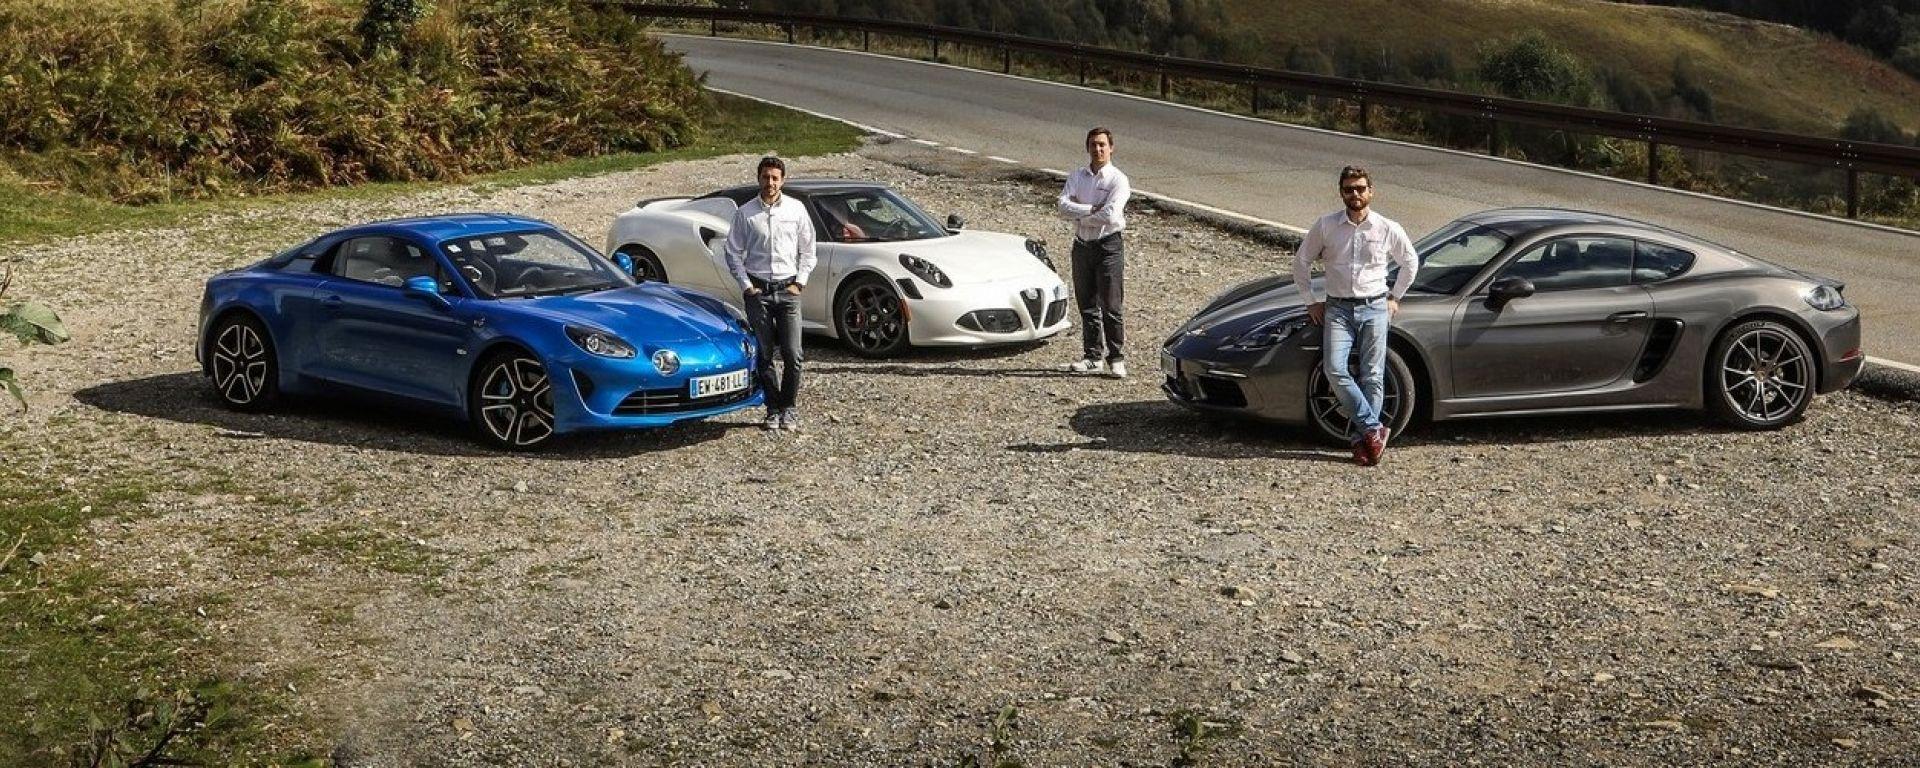 Sito ufficiale comprare bene acquistare Prova su strada: Alpine A110 vs Alfa Romeo 4C vs Porsche 718 ...